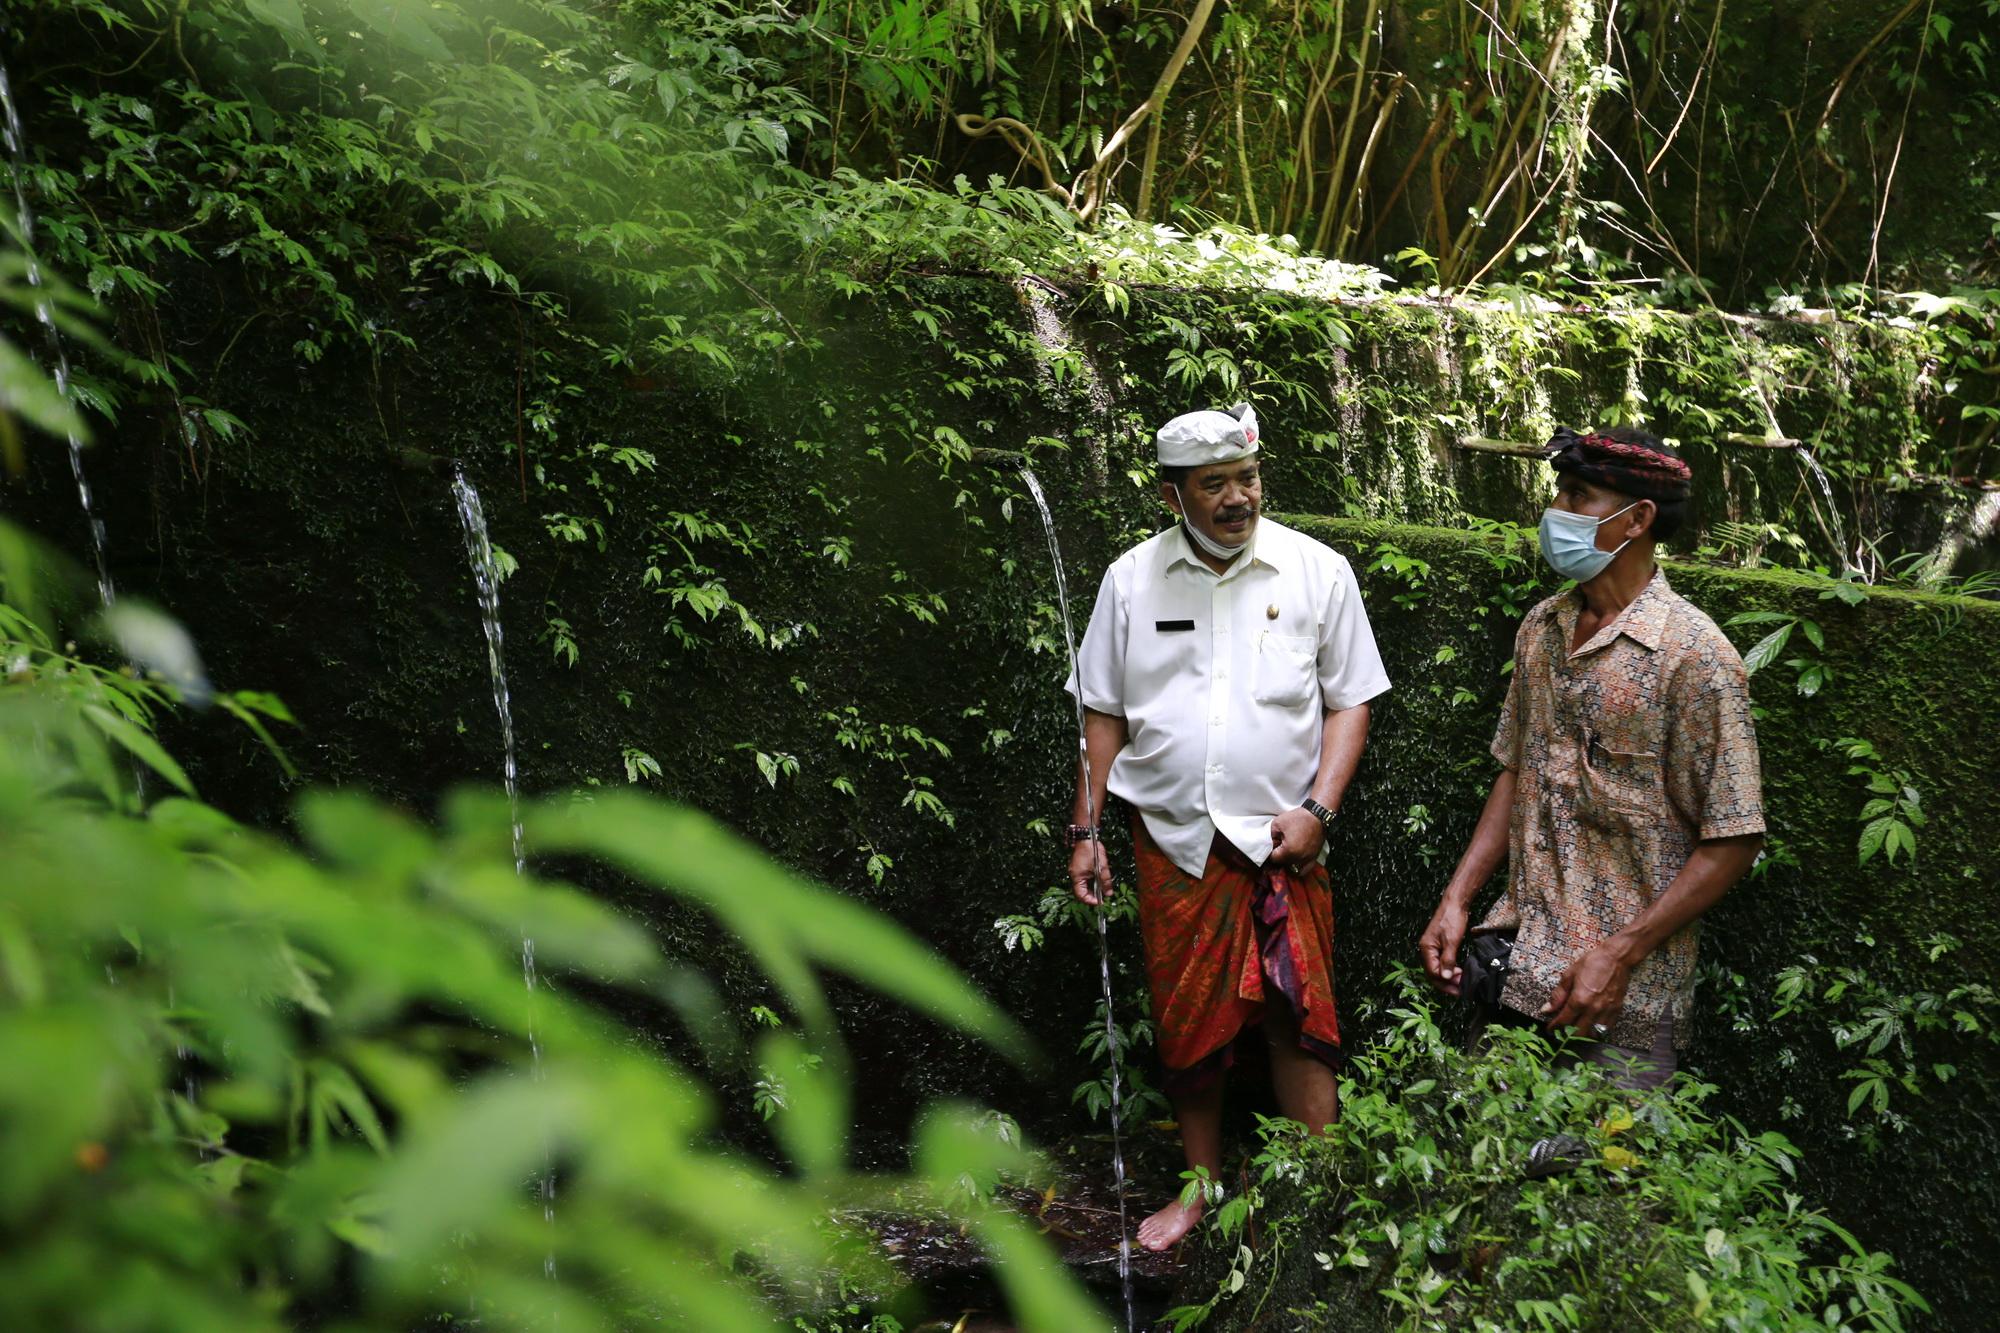 WABUP Kasta meninjau sumber mata air Pura Beji di bantaran Sungai Tukad Goa Gaja di Dusun Jungut, Desa Bungbungan, Kecamatan Banjarangkan, Senin (10/5/2021). Foto: ist